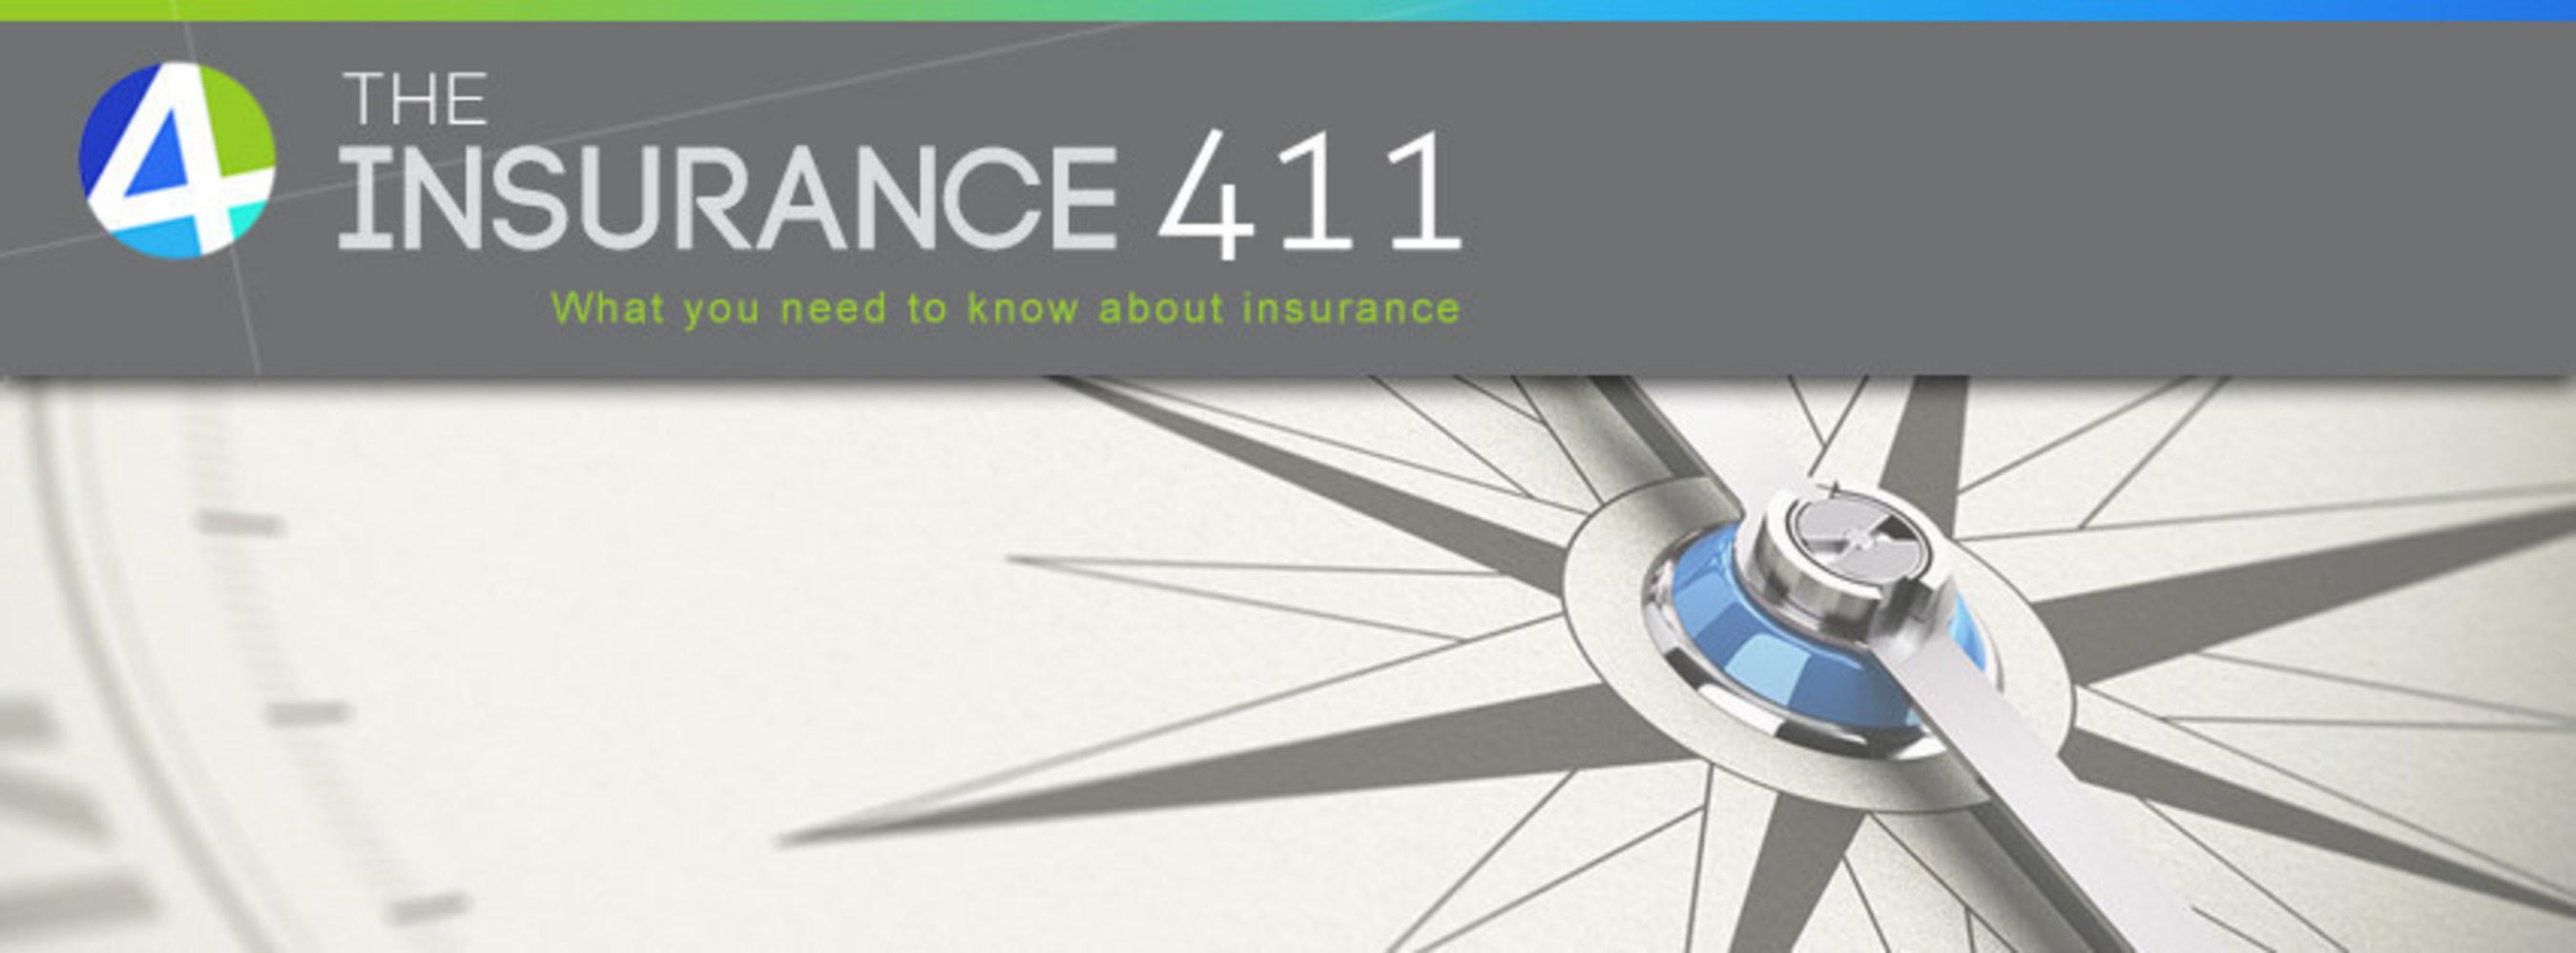 TheInsurance411.com (PRNewsFoto/Smart's Publishing)